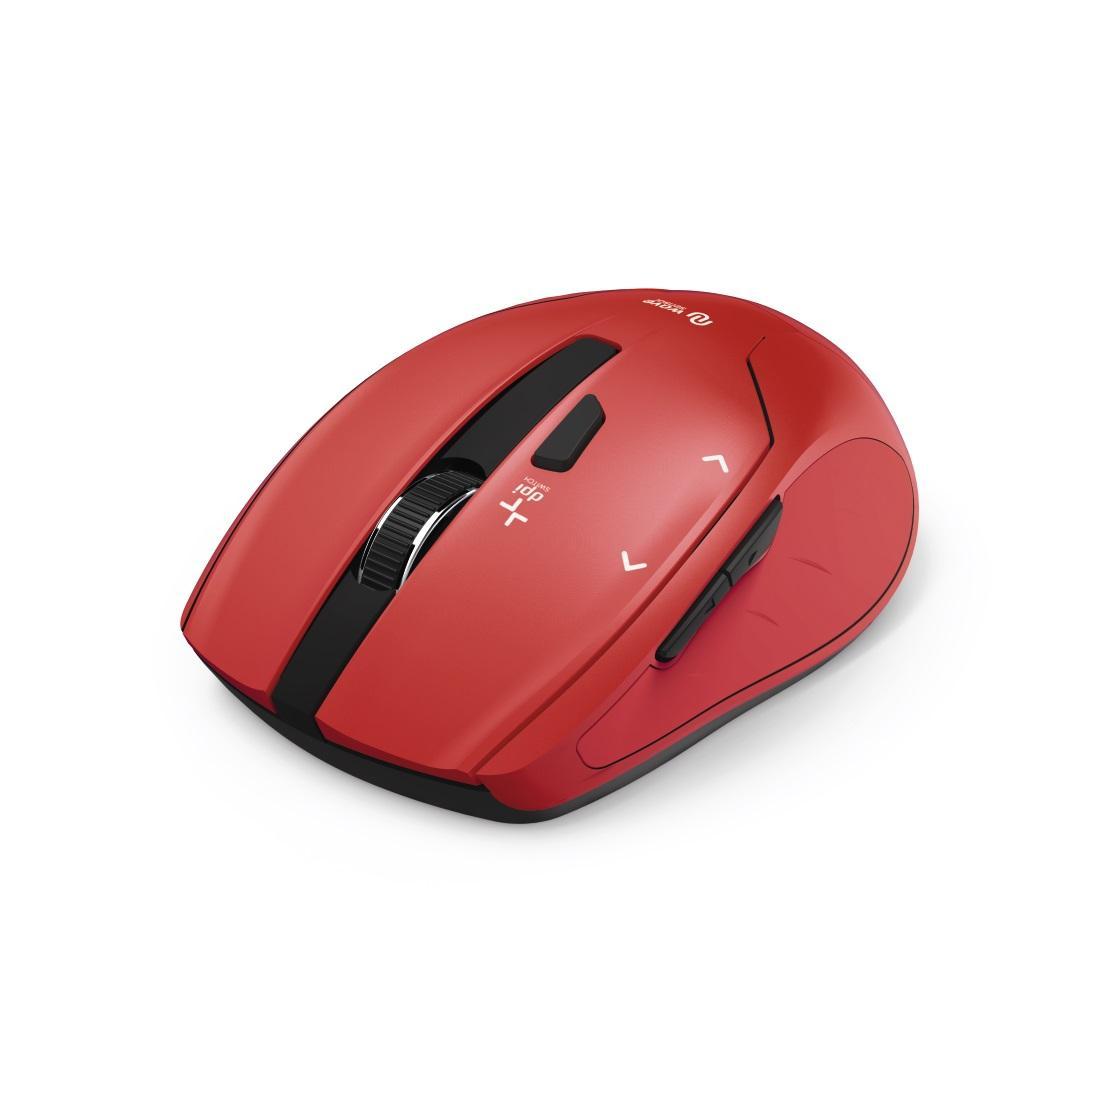 Безжична оптична мишка HAMA Milano, USB, 2400dpi, 2.4GHz RF, Червен